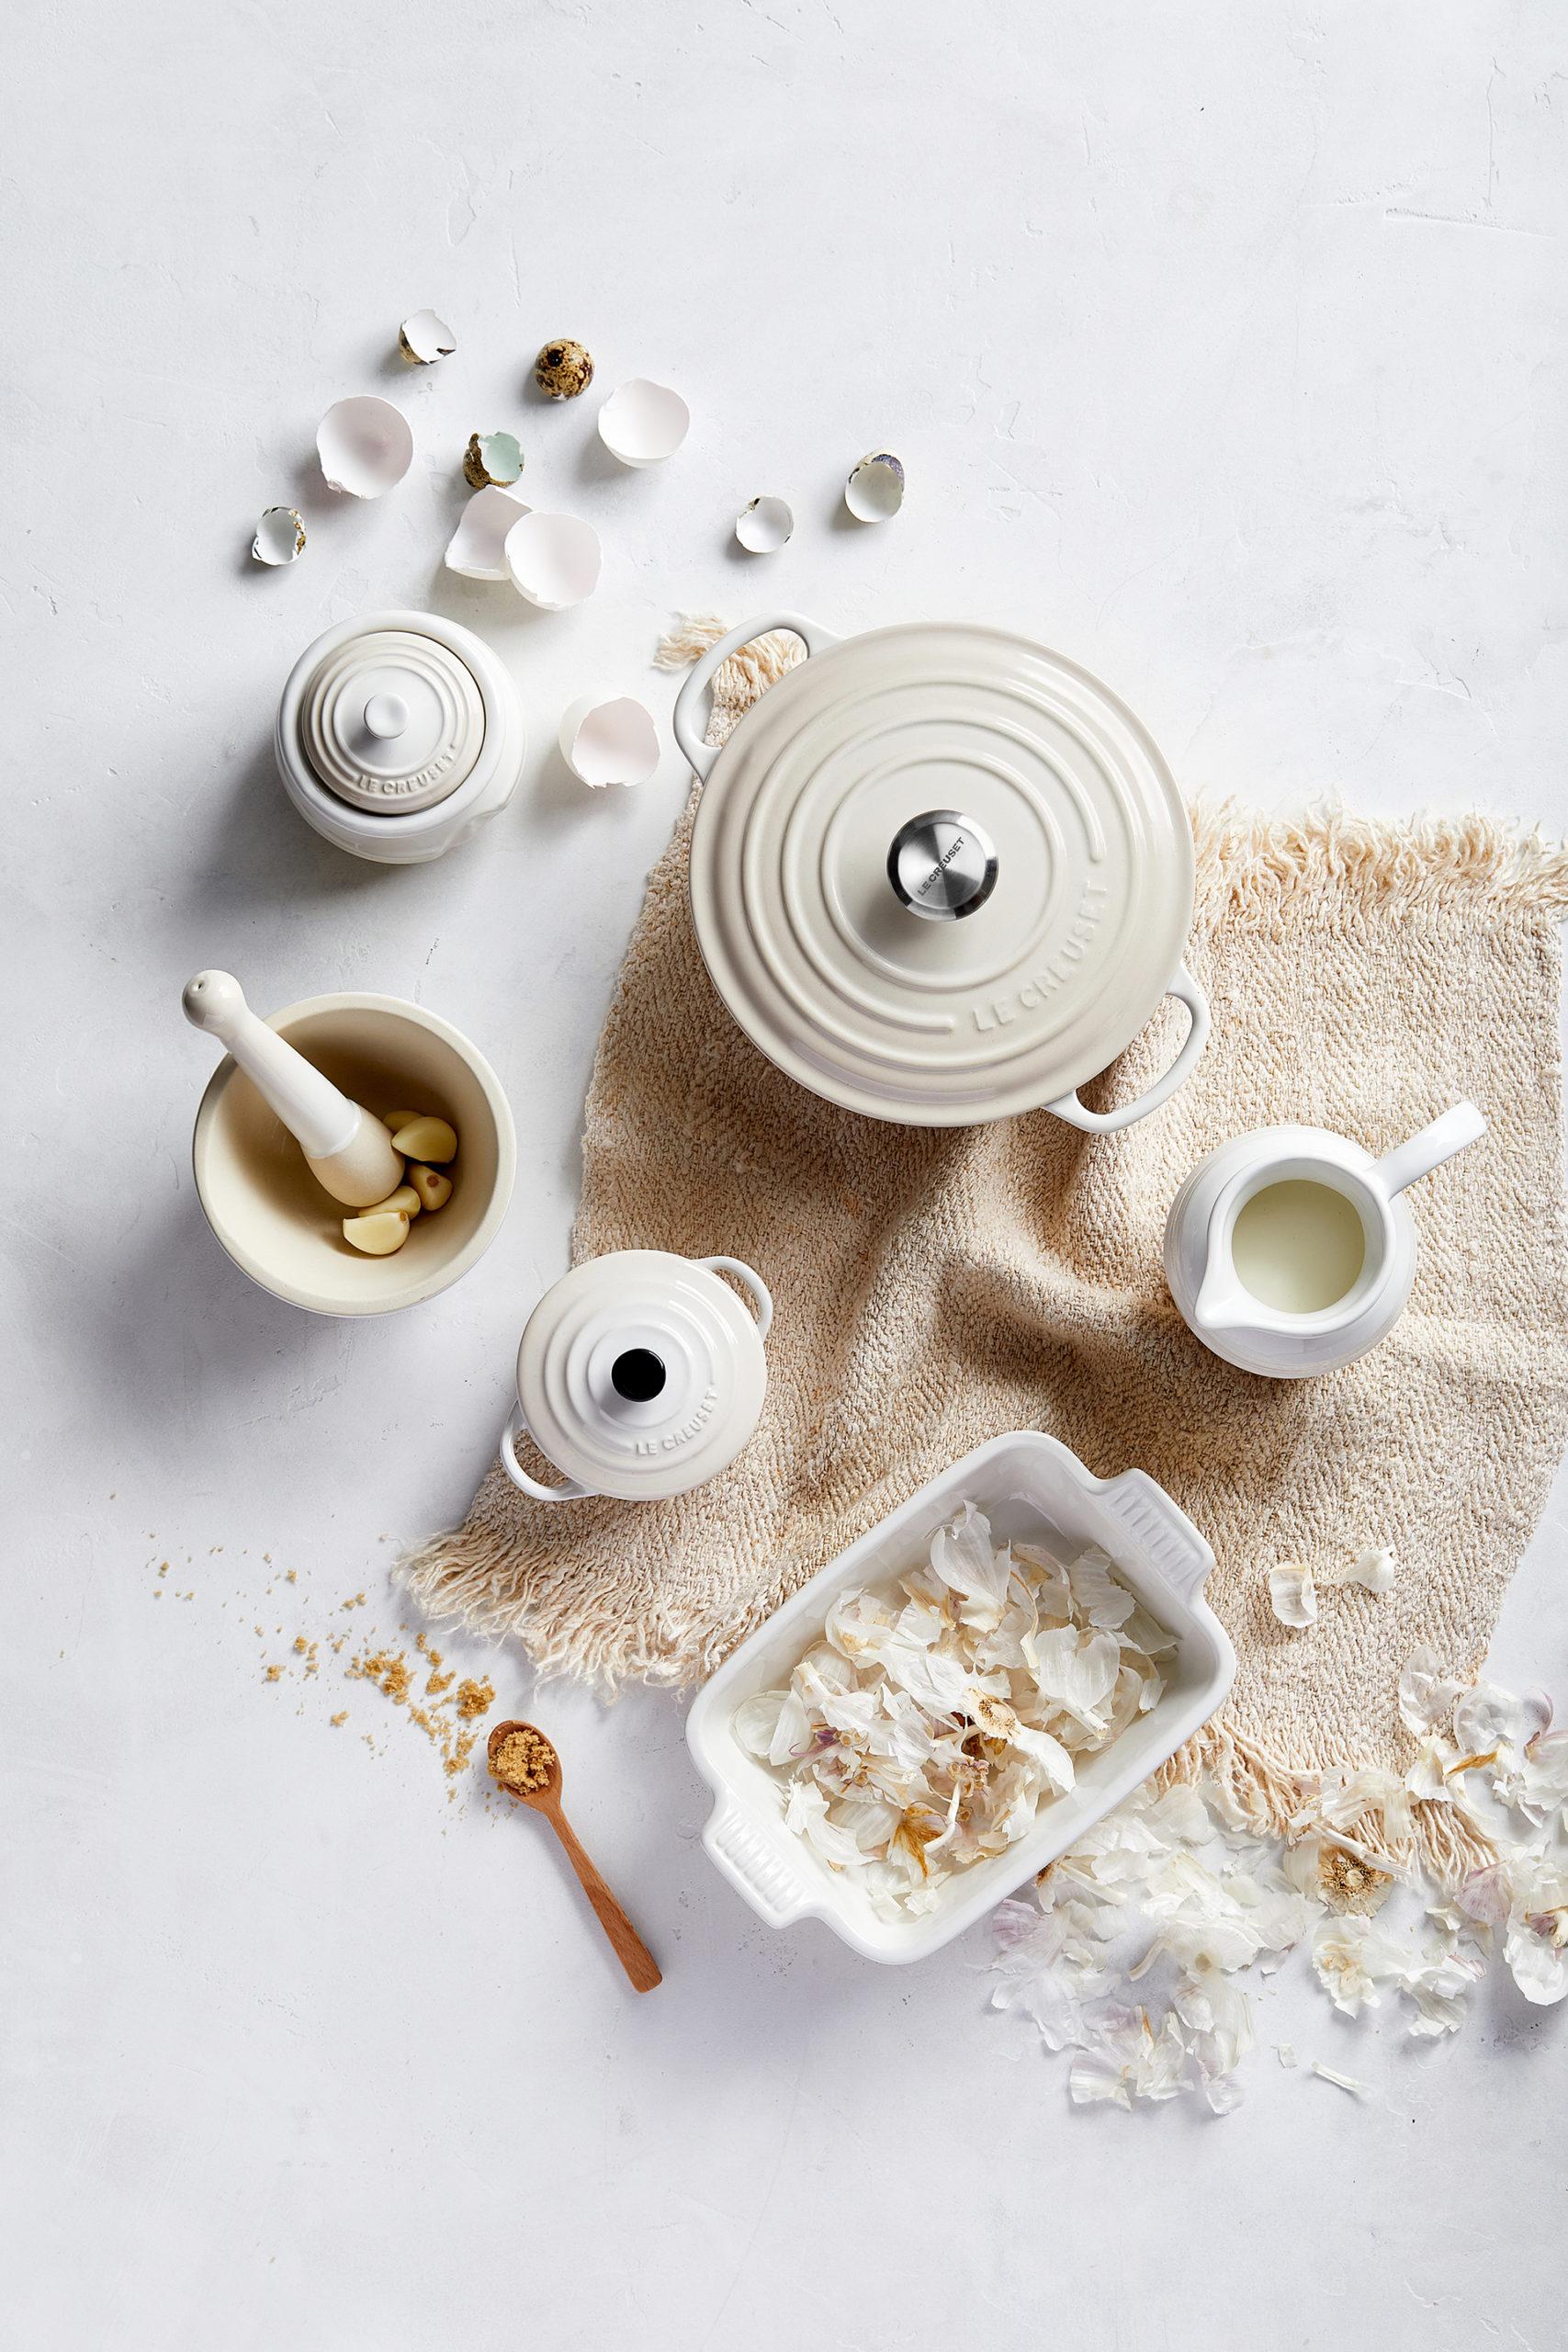 Mit Meringue macht die Zubereitung raffinierter Gerichte noch mehr Spaß